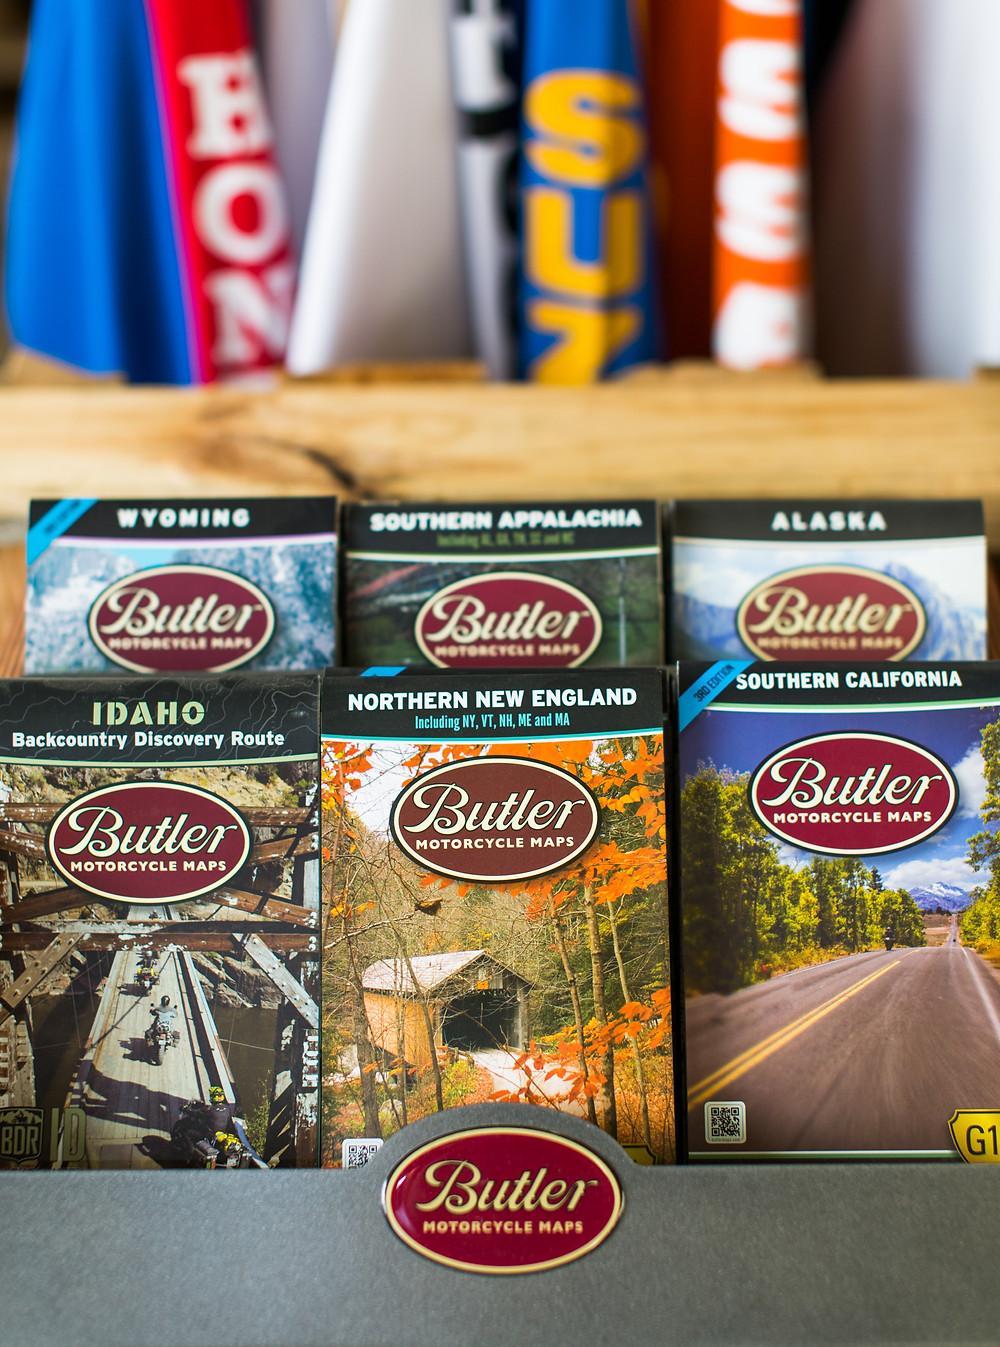 Butler Motorcycle Maps, DUNN LEWIS, Washington DC, Motorcycle Map,